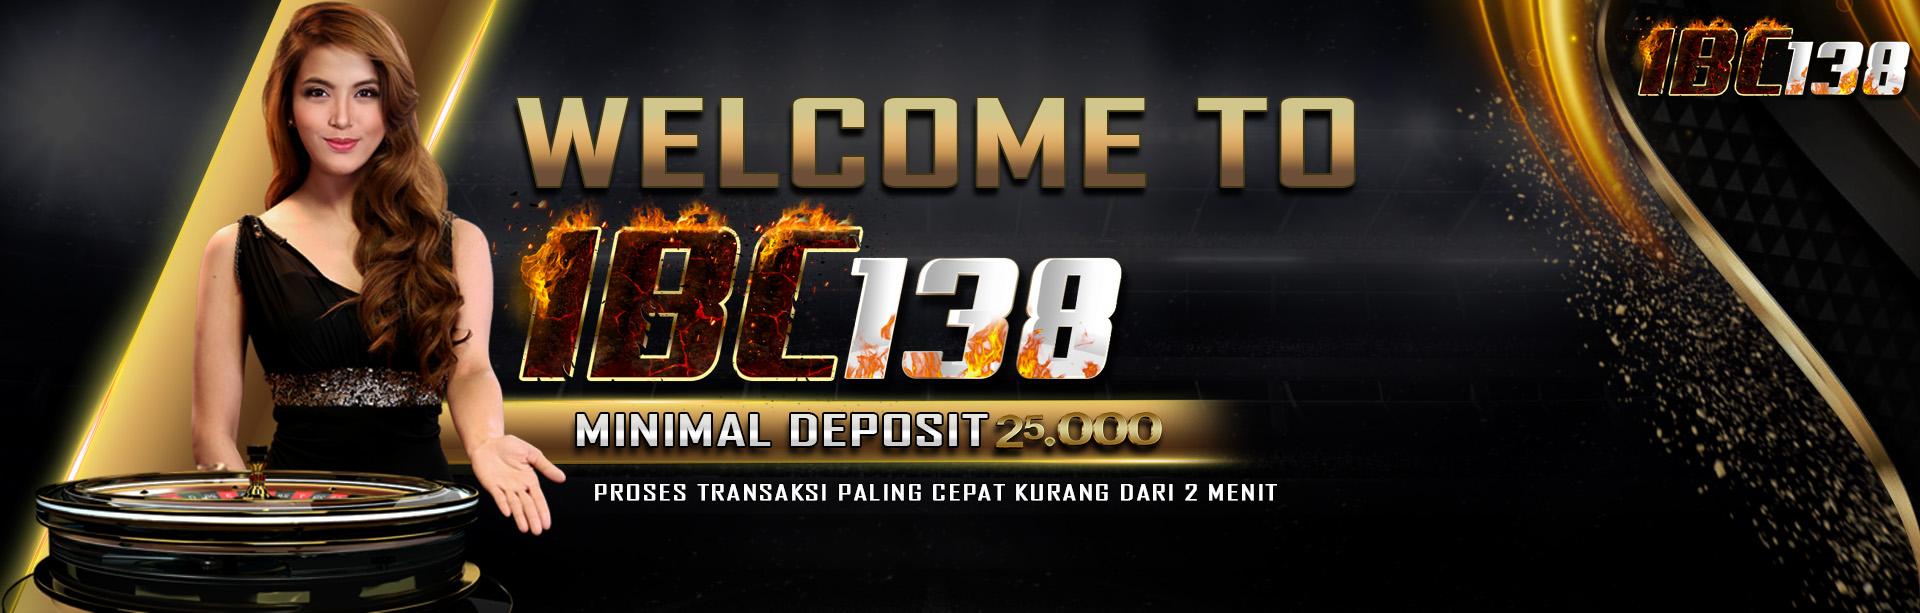 Selamat Datang ke IBC138